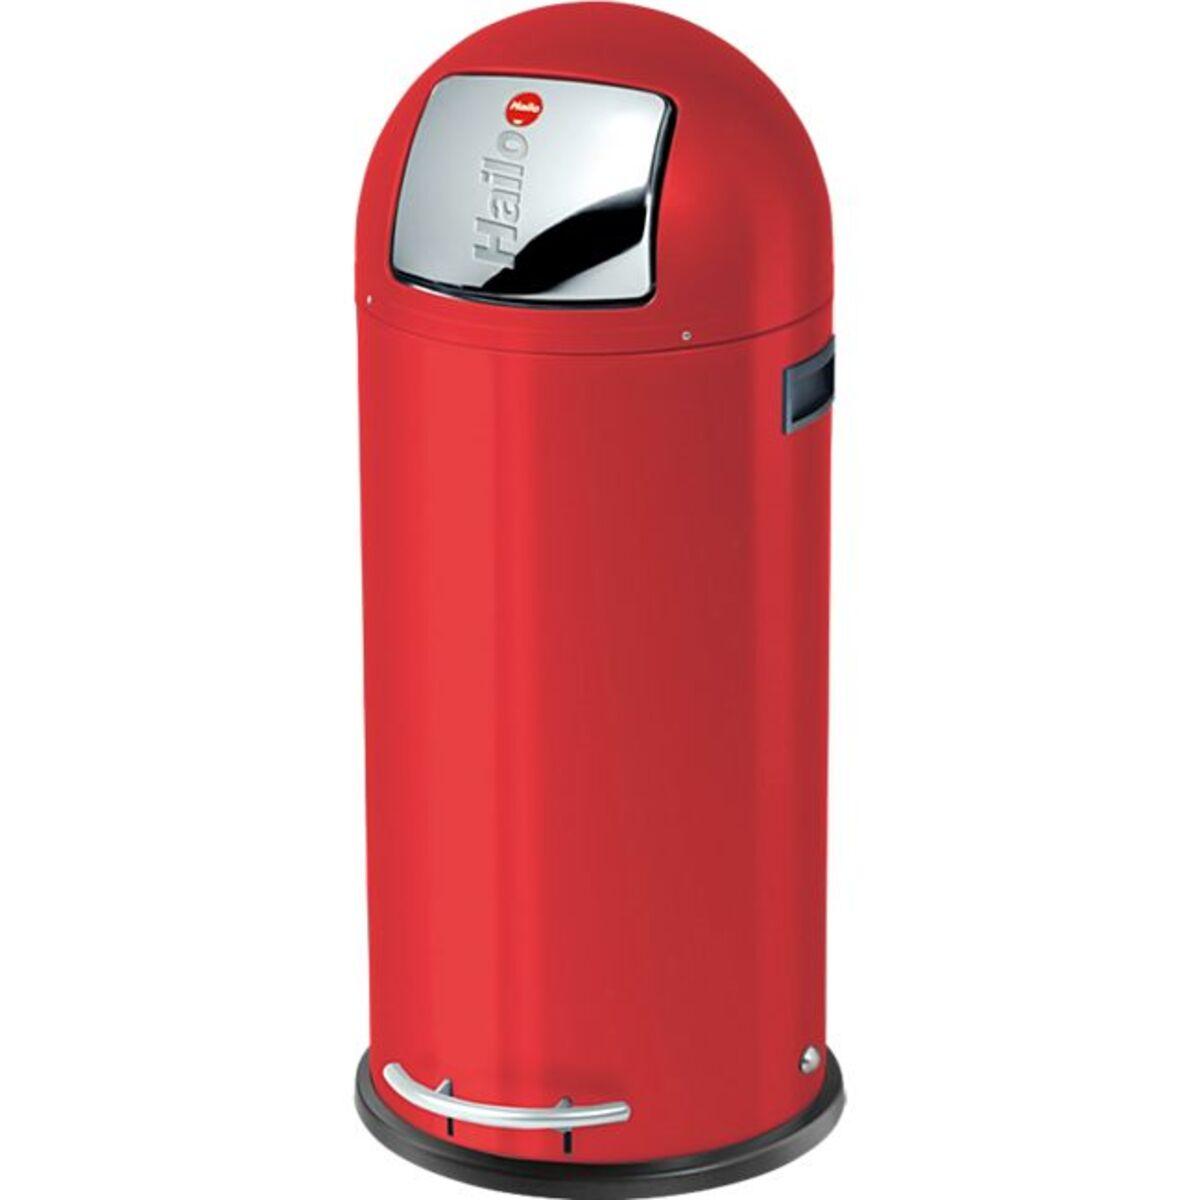 Bild 1 von Hailo KickMaxx XL Großraum-Abfallboxen, rot